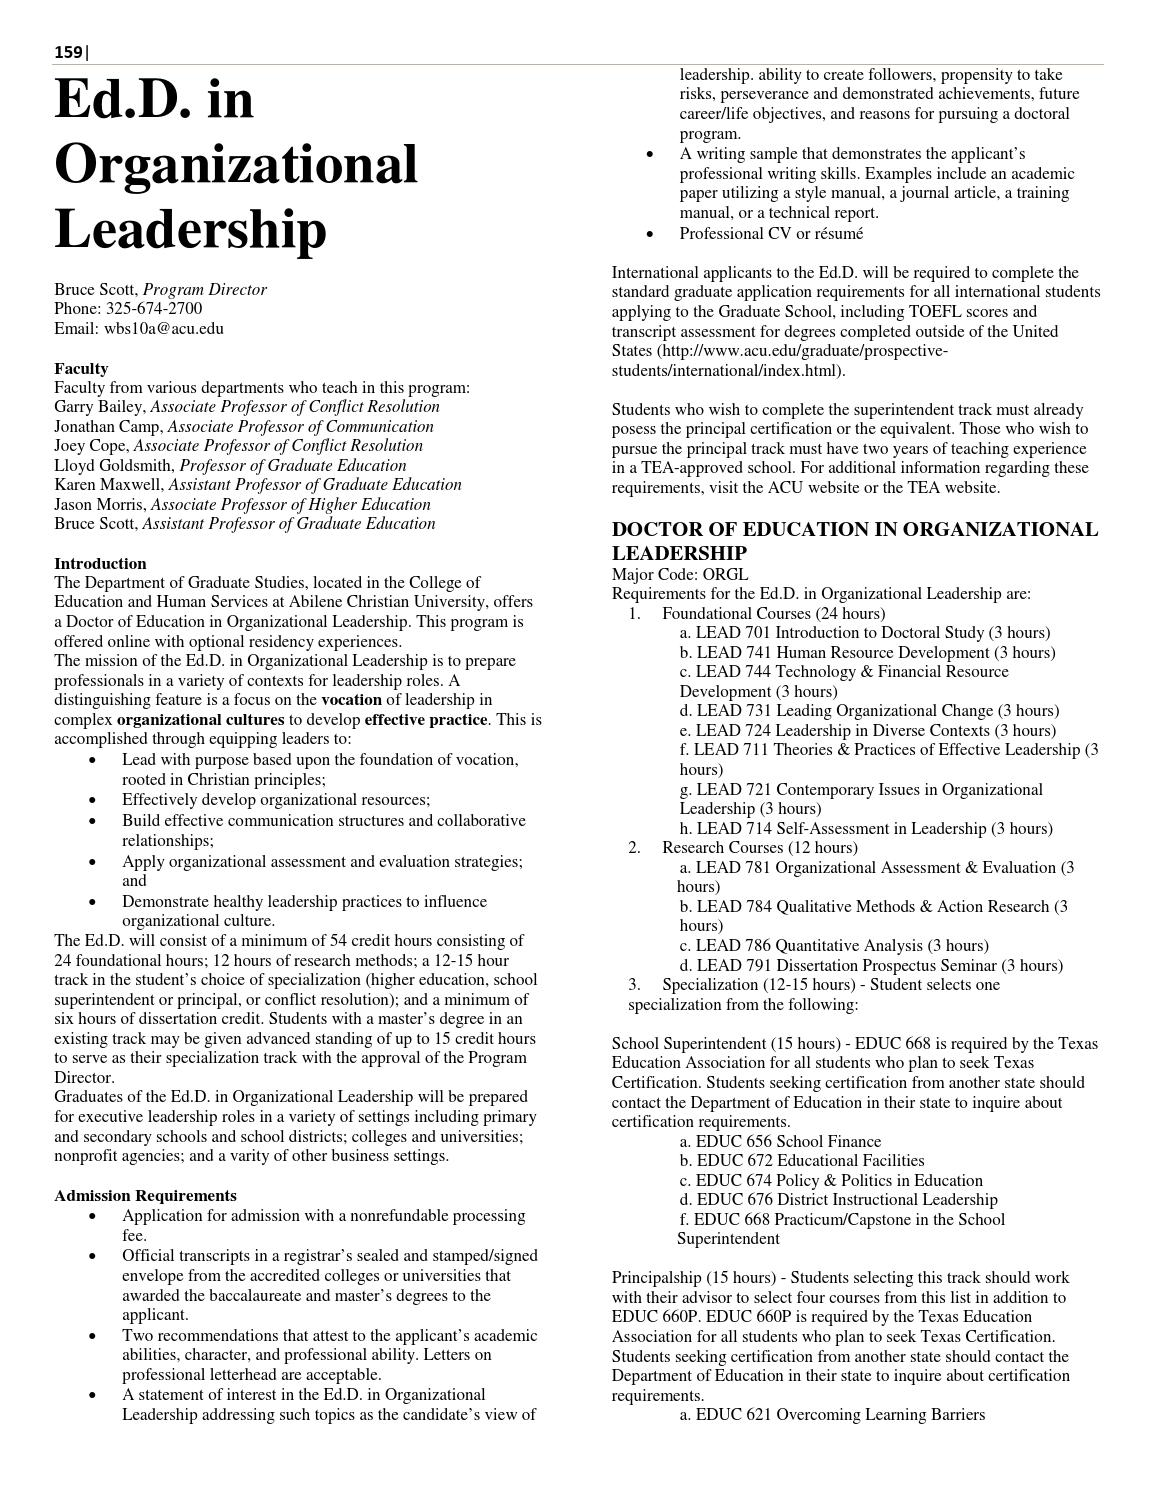 2015-16 Catalog (revised 9/18/15) by Abilene Christian University ...